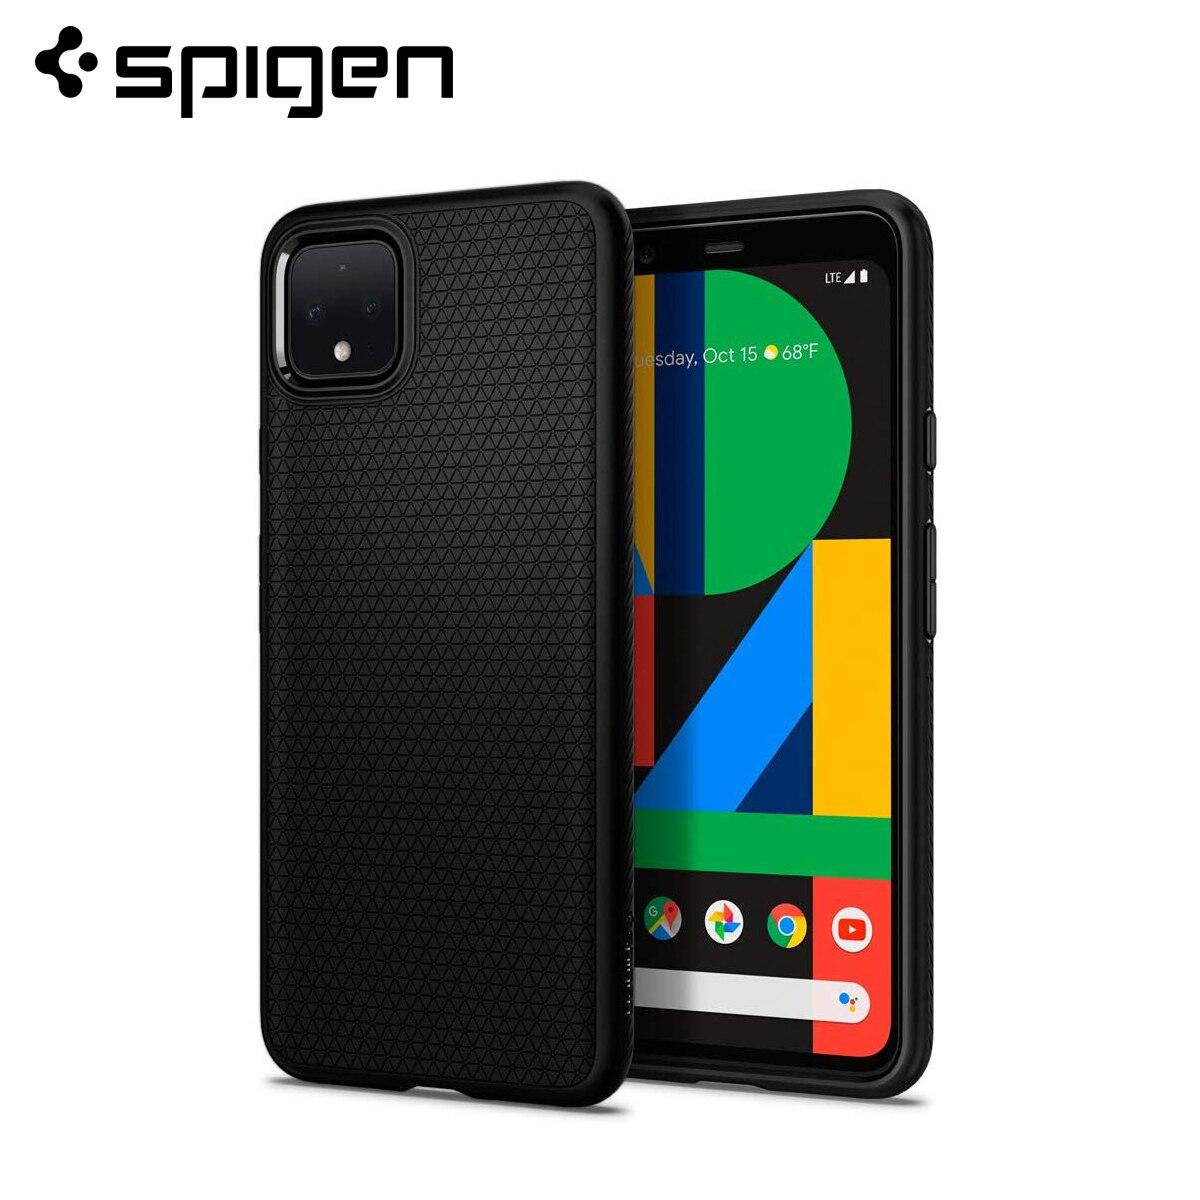 Чехол Spigen Google Pixel 4 XL / Pixel 4, матовый черный гибкий Мягкий Нескользящий чехол из ТПУ|Специальные чехлы|   | АлиЭкспресс